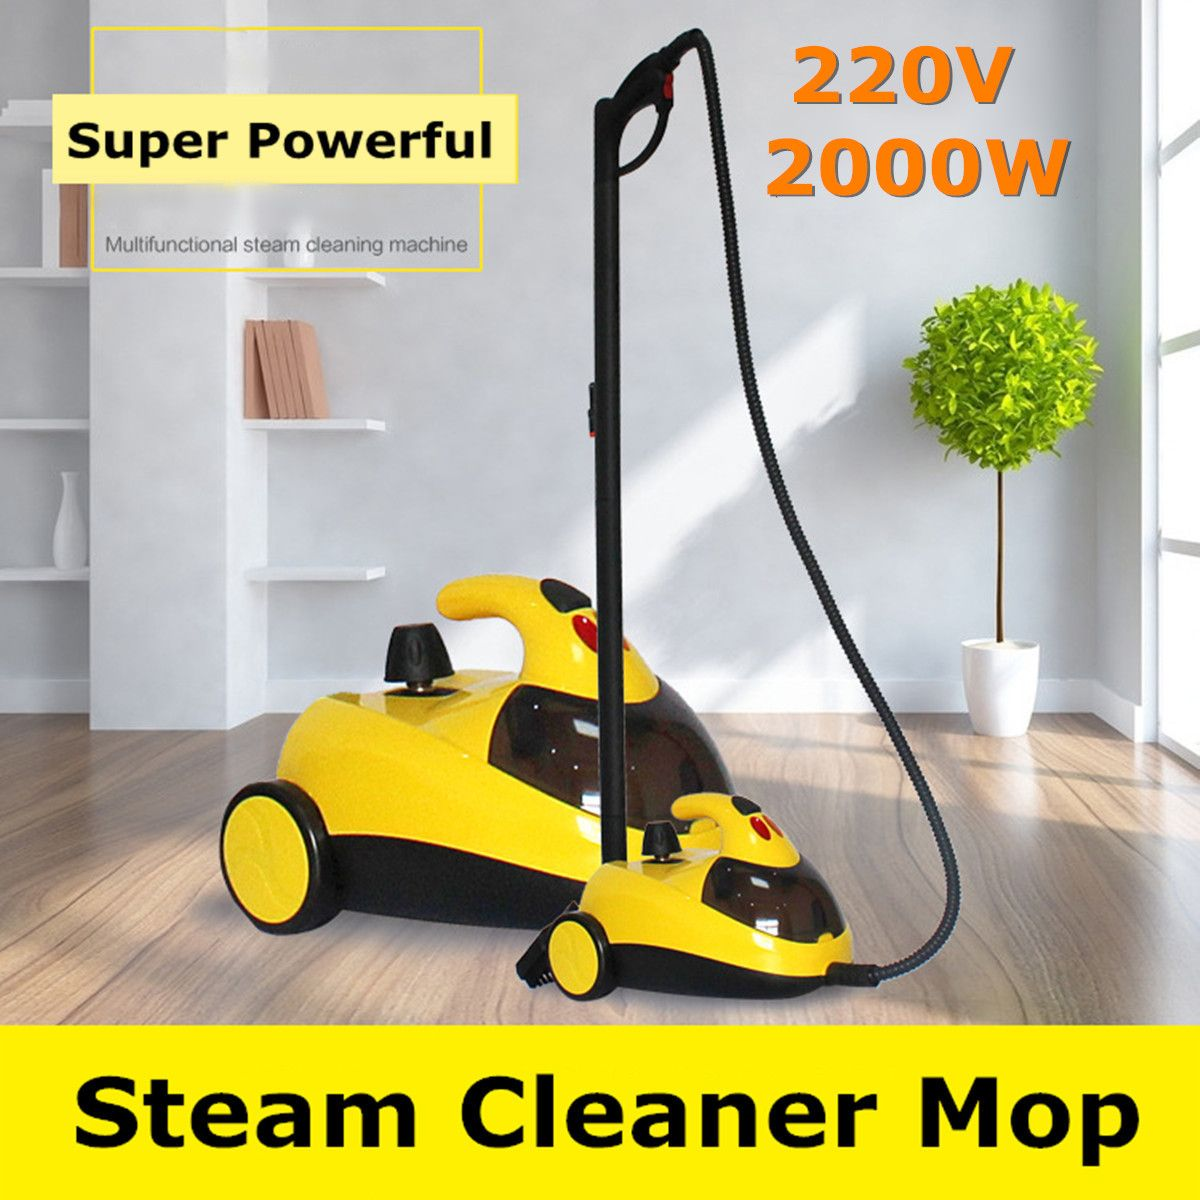 Boden Teppich Reiniger 13in1 AU220V 1.5L4.0 2000 W Bar Hochdruck Dampf Washer Reinigung Maschine 360 Rad für Sauberes Bad auto